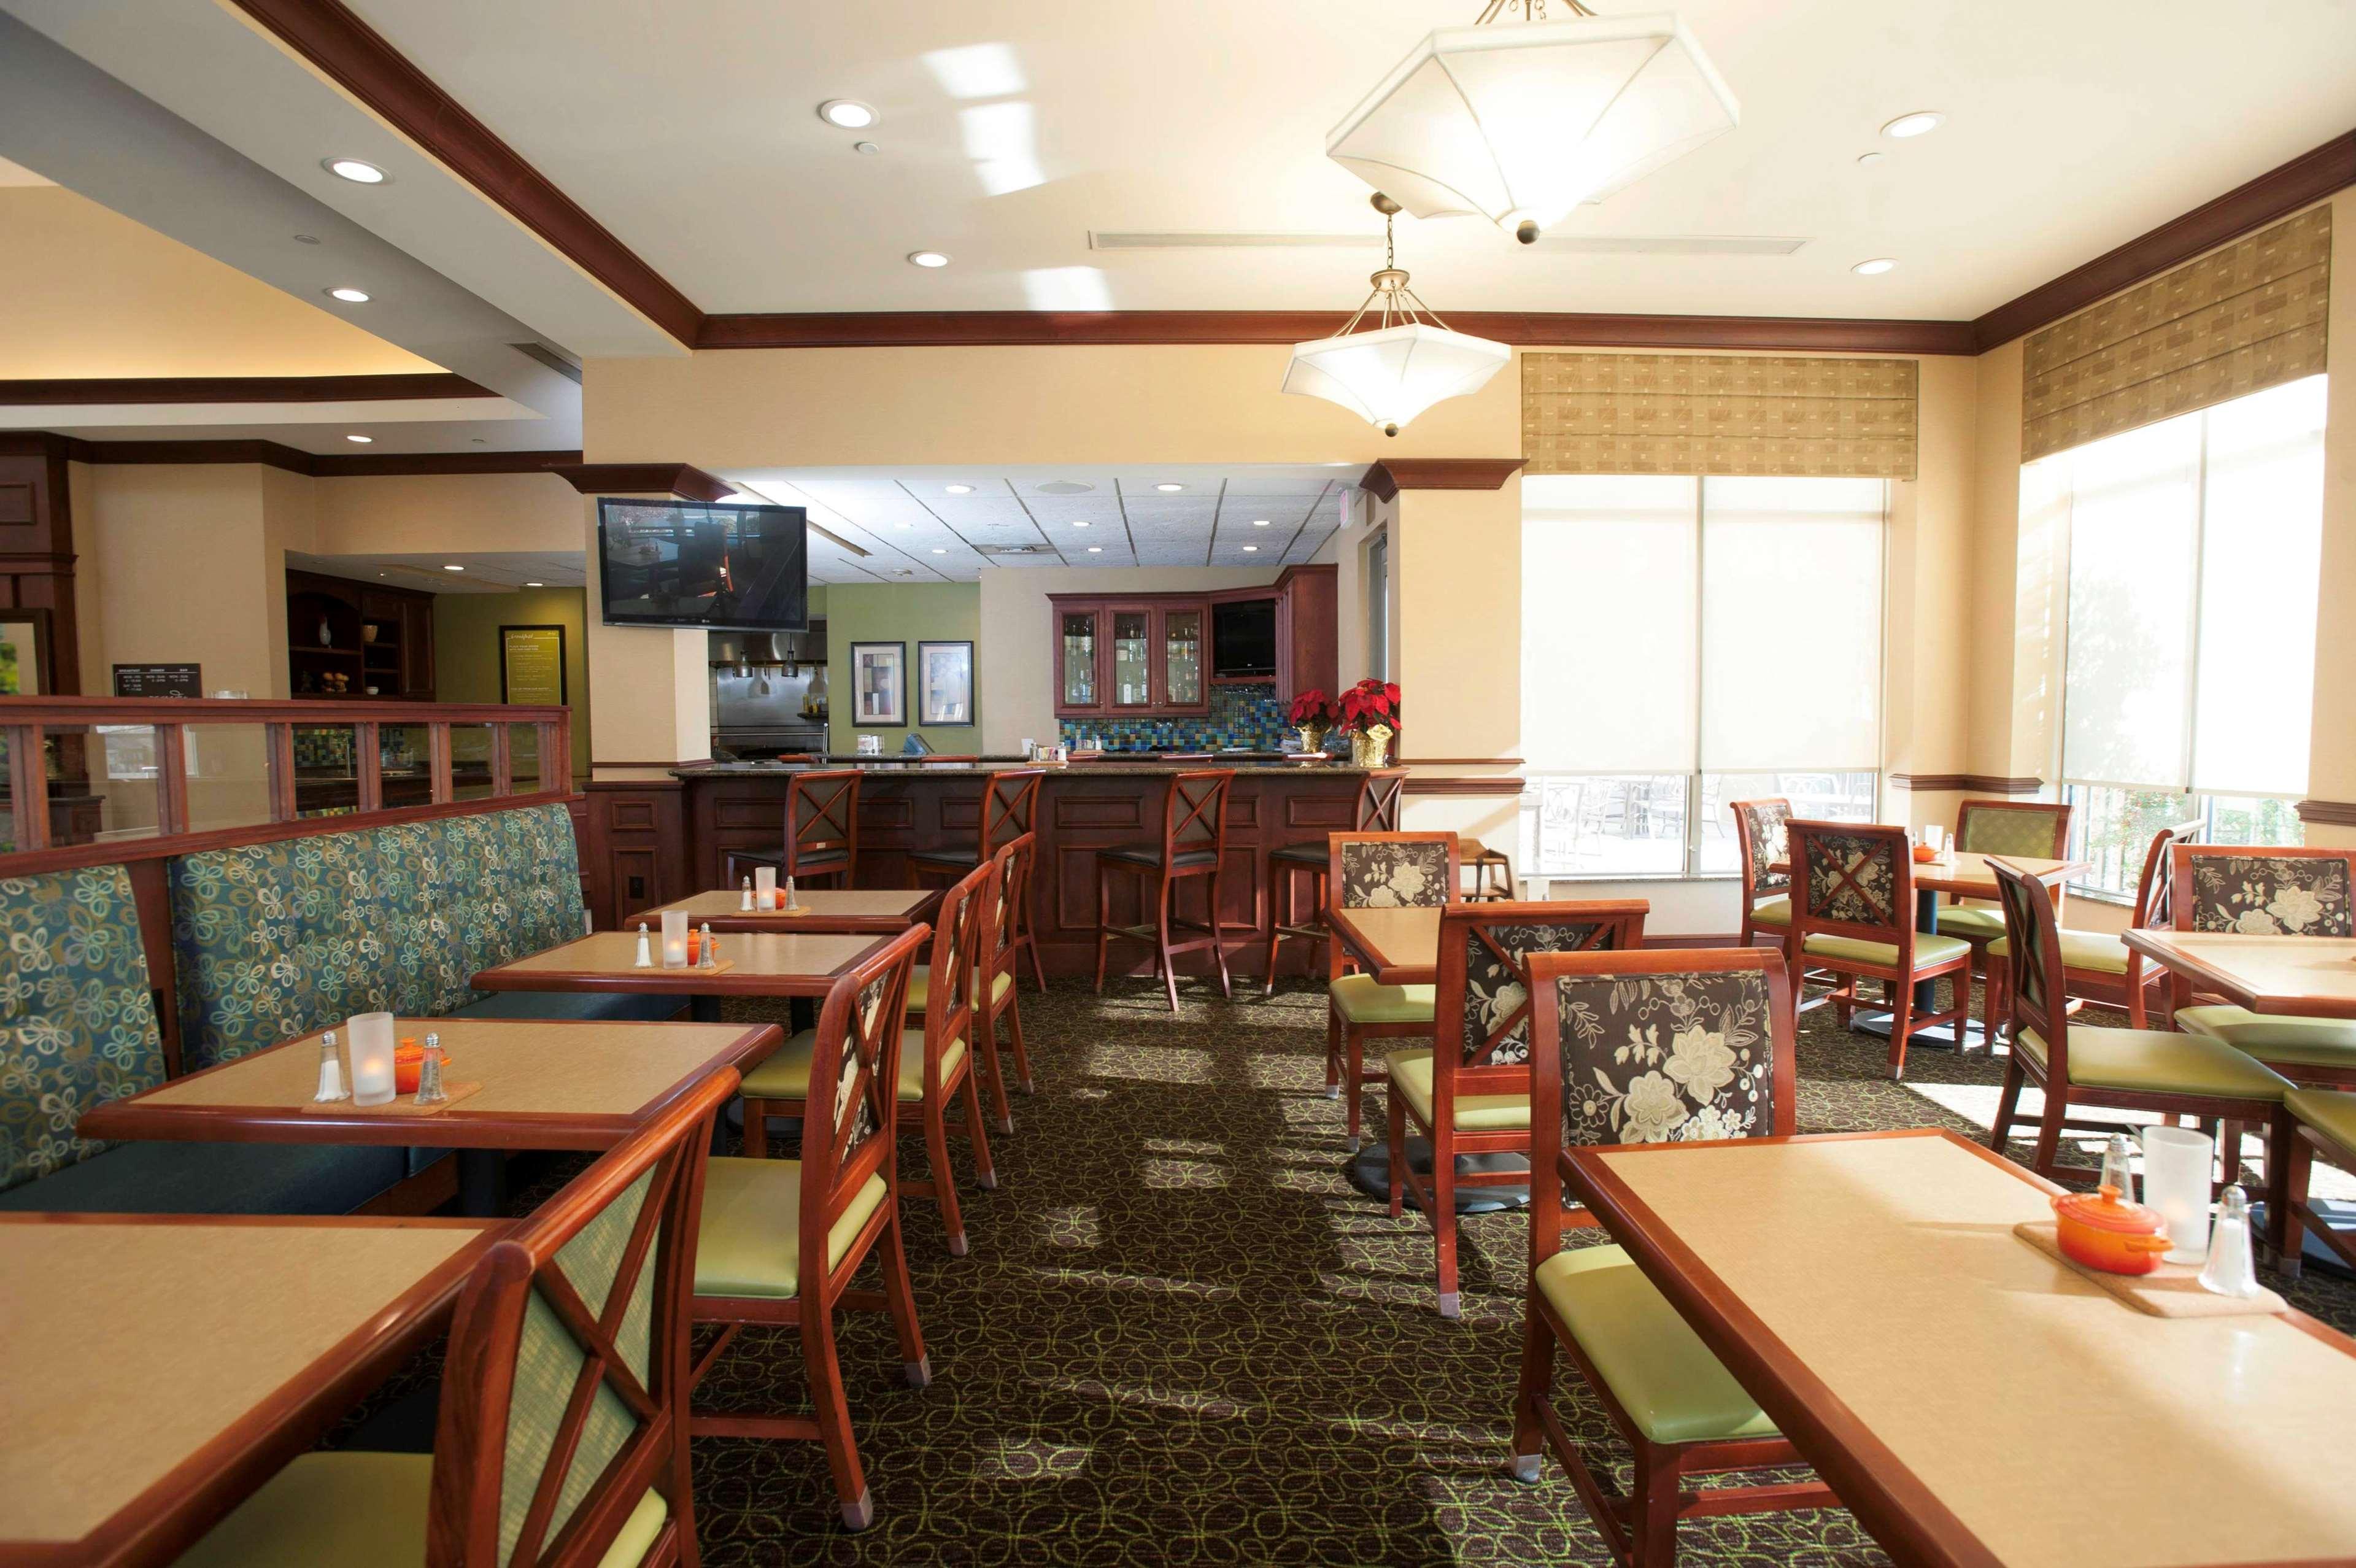 Hilton garden inn evansville evansville indiana in for Hilton garden inn evansville in